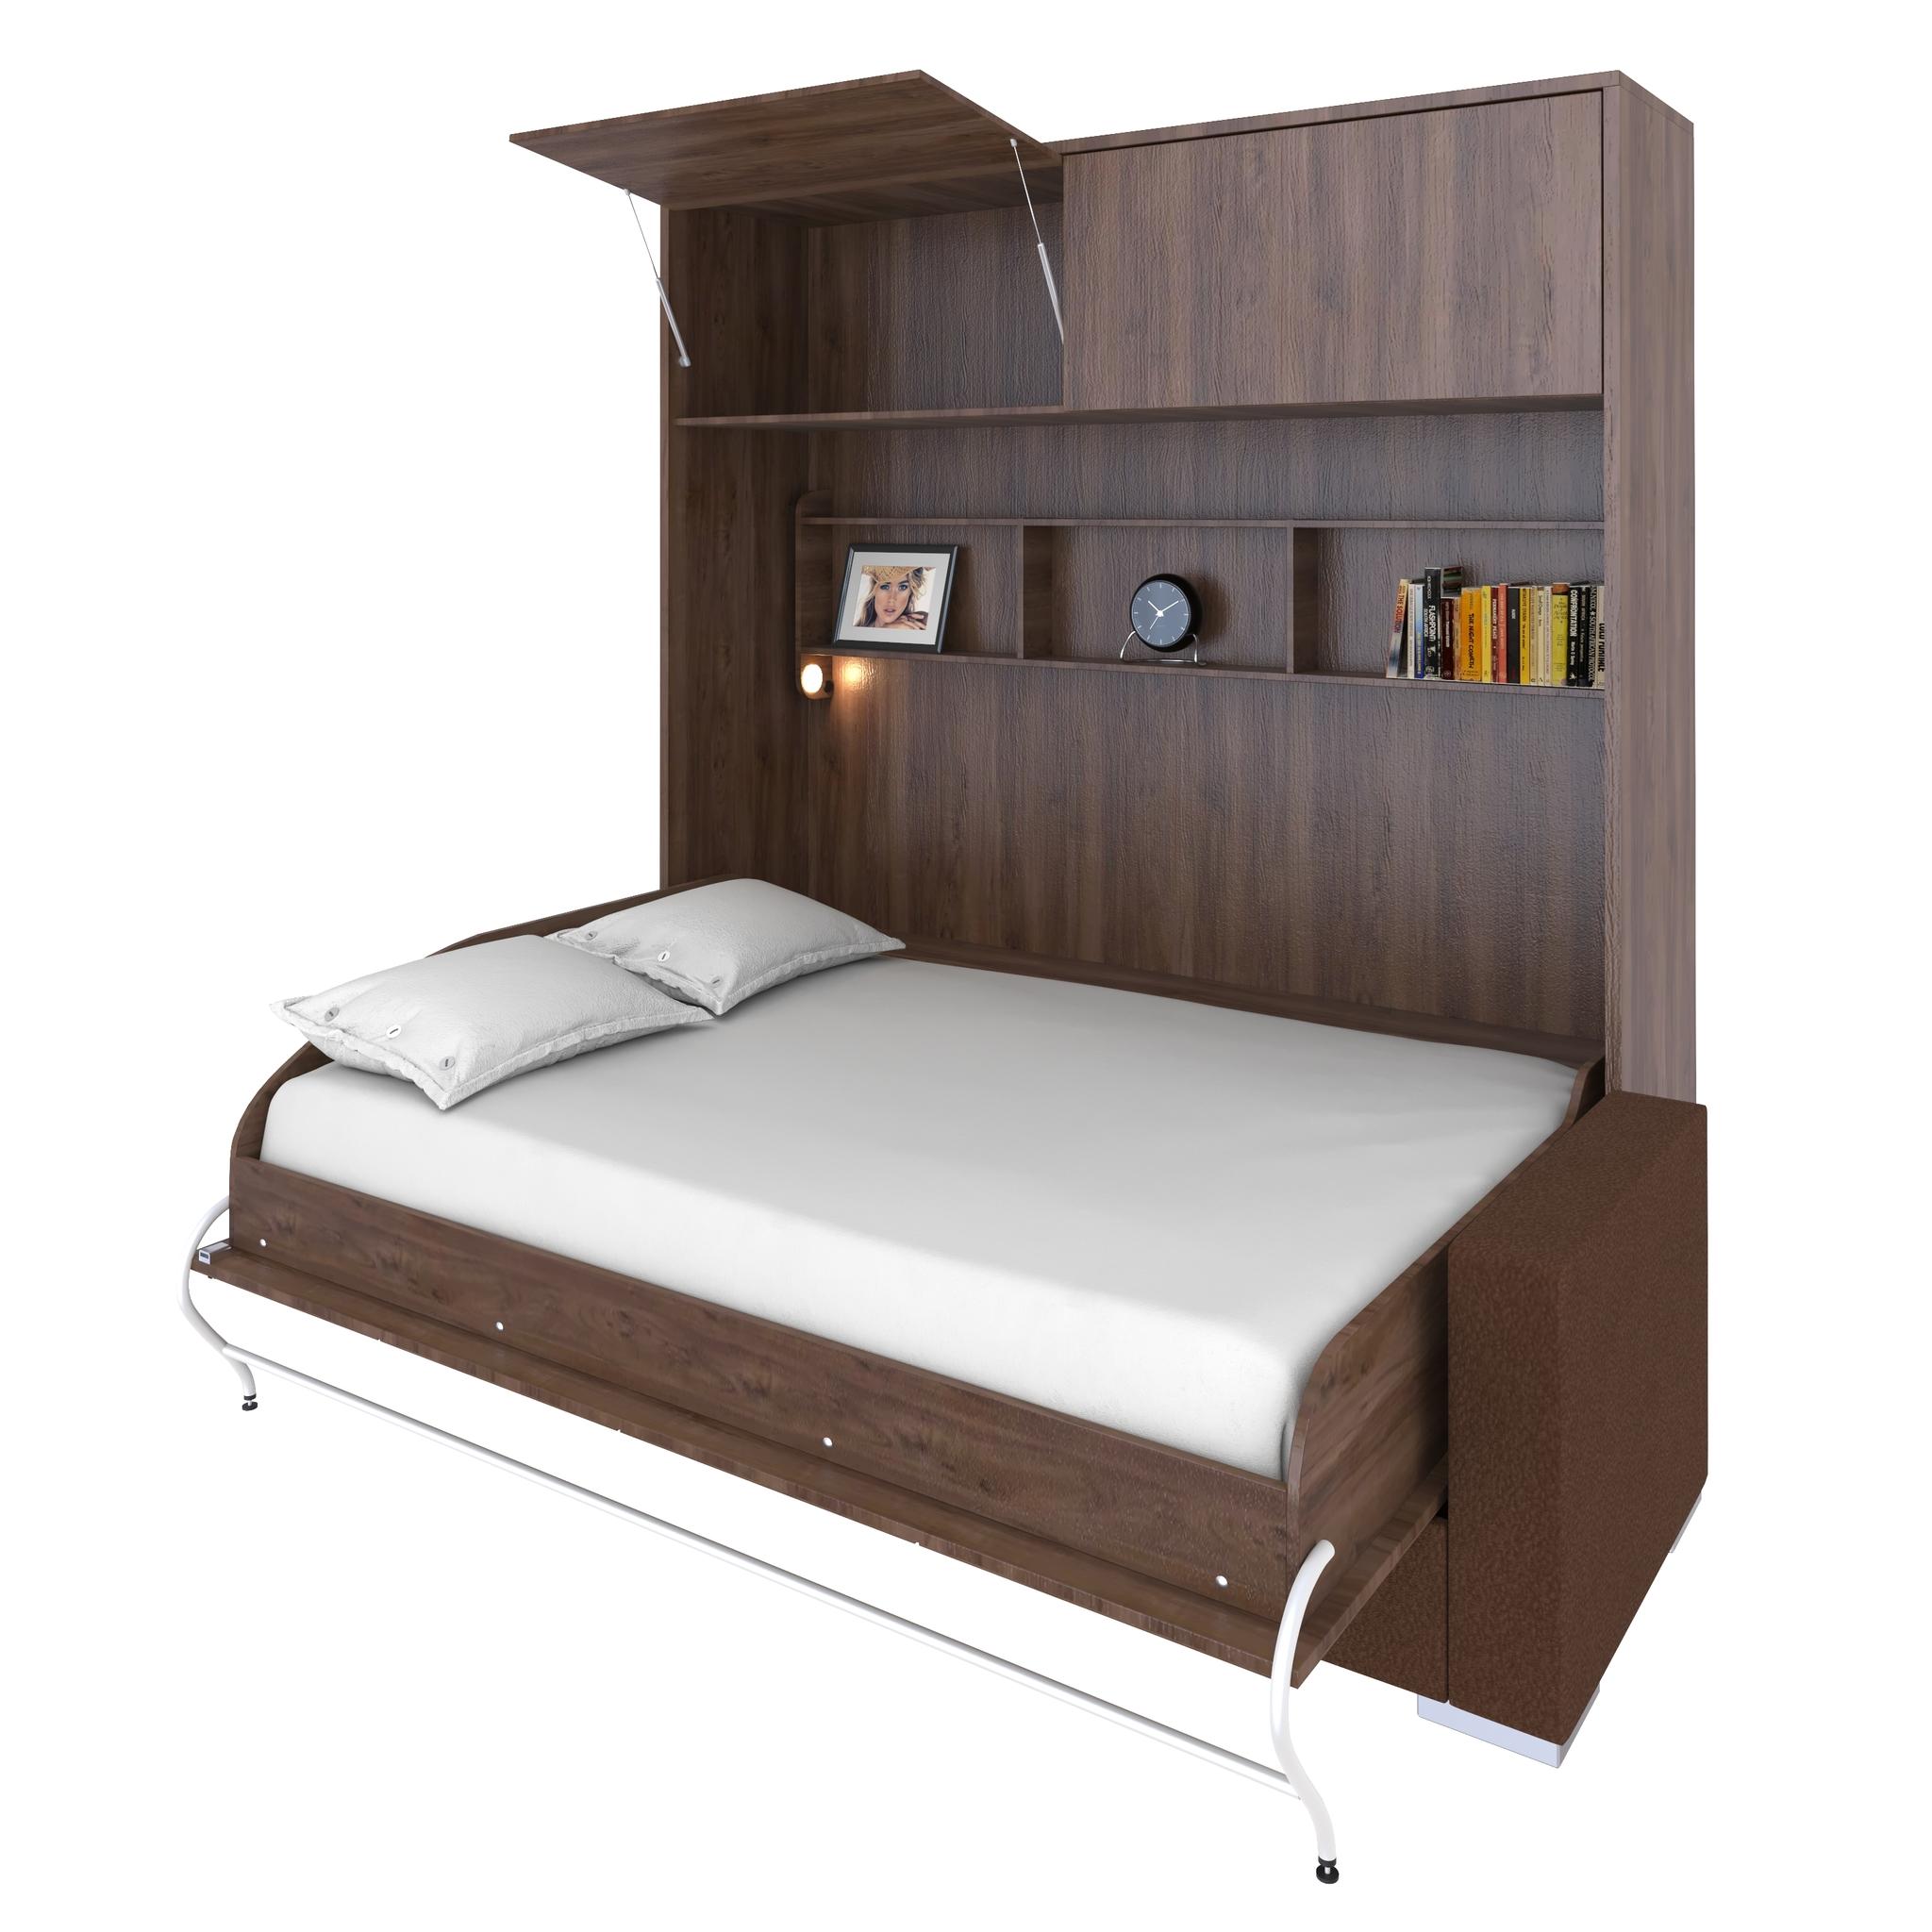 Шкаф-кровать с диваном горизонтальная двуспальная 140 см